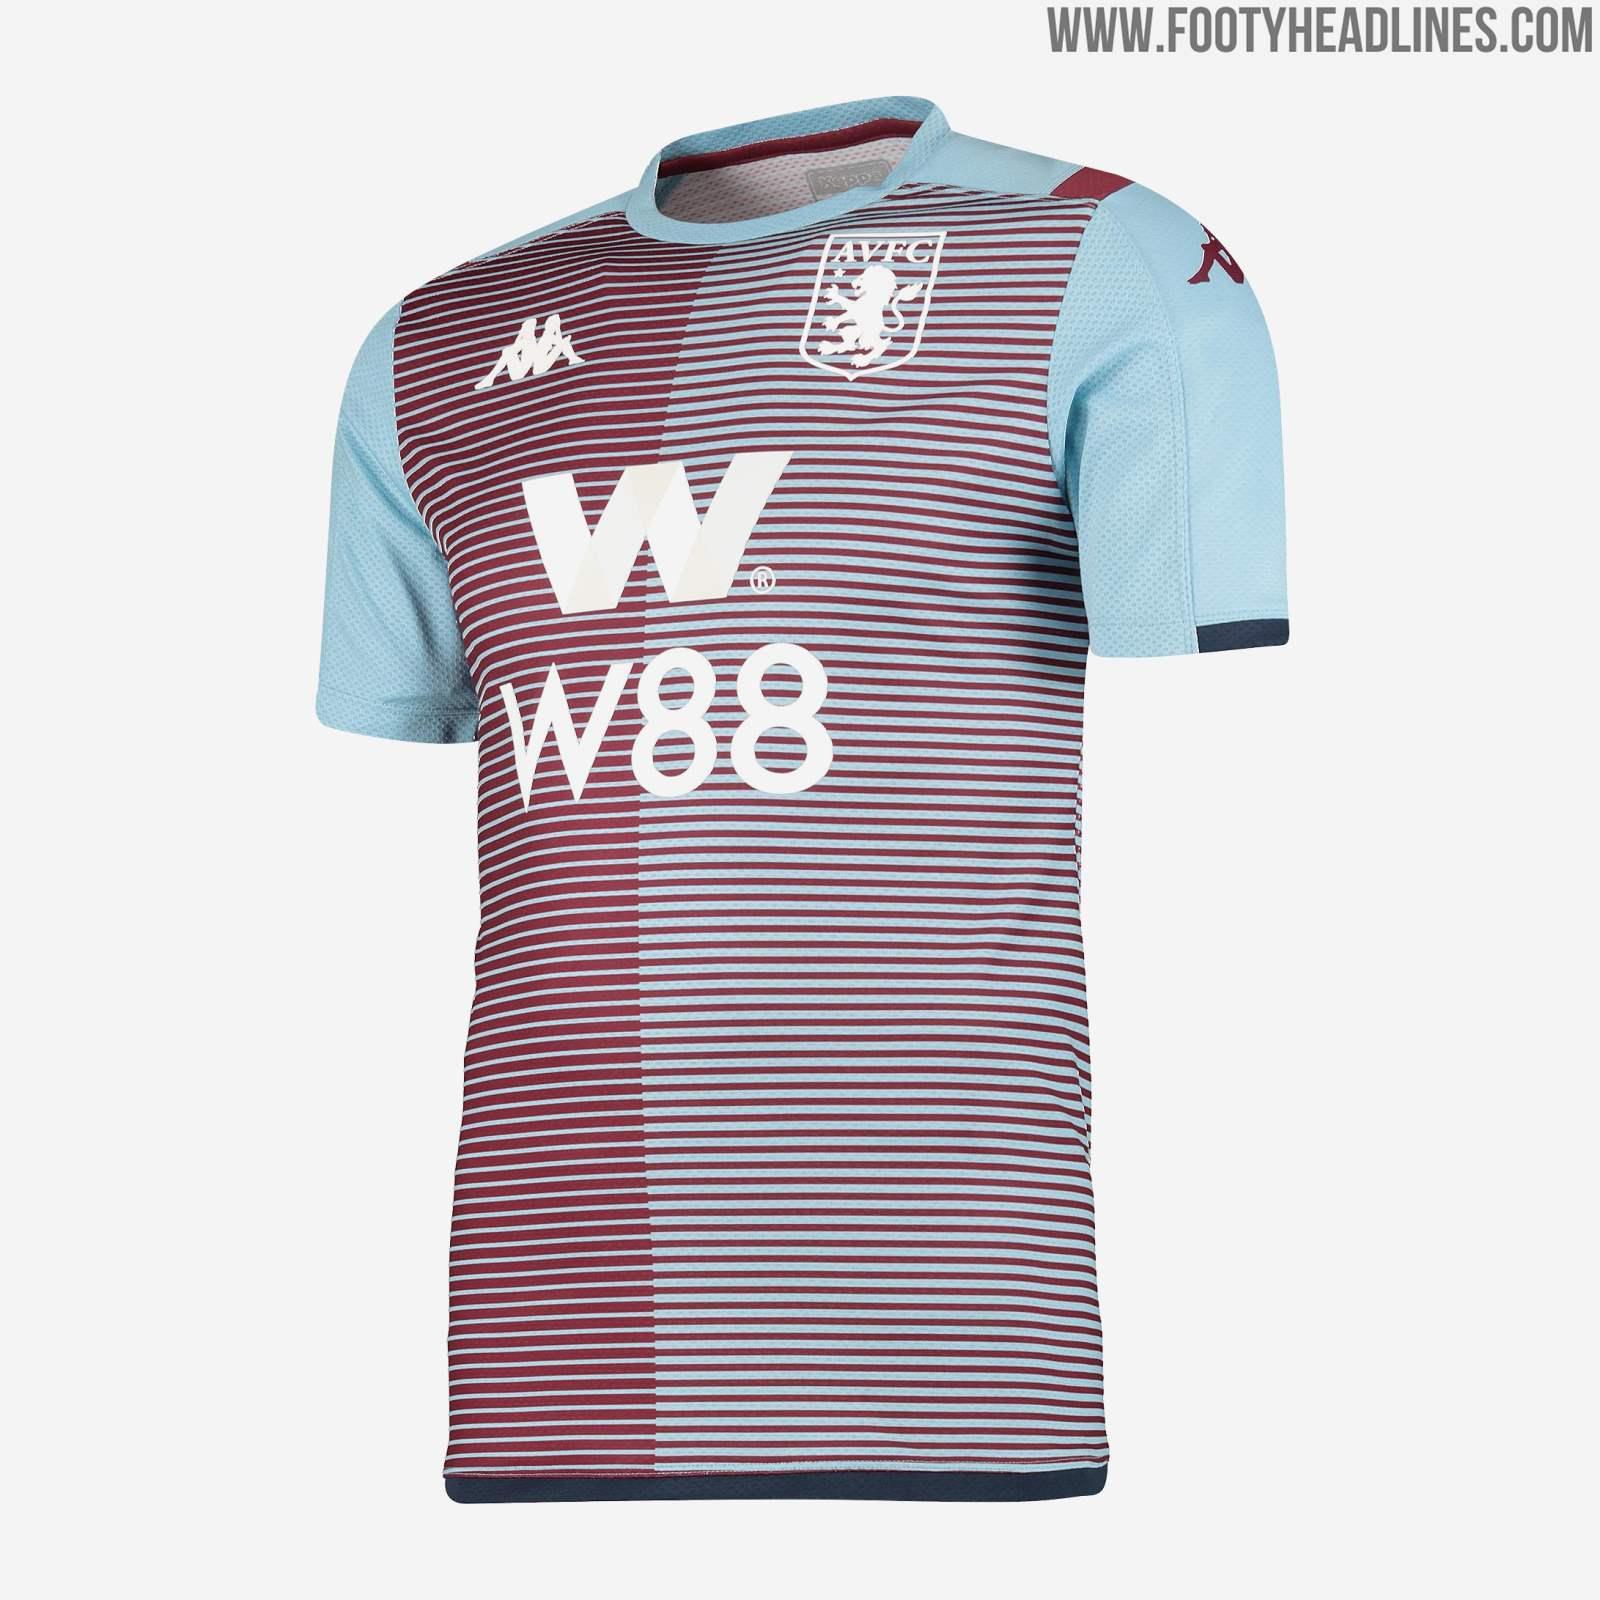 Kappa Aston Villa 19-20 Premier League Pre-Match ...